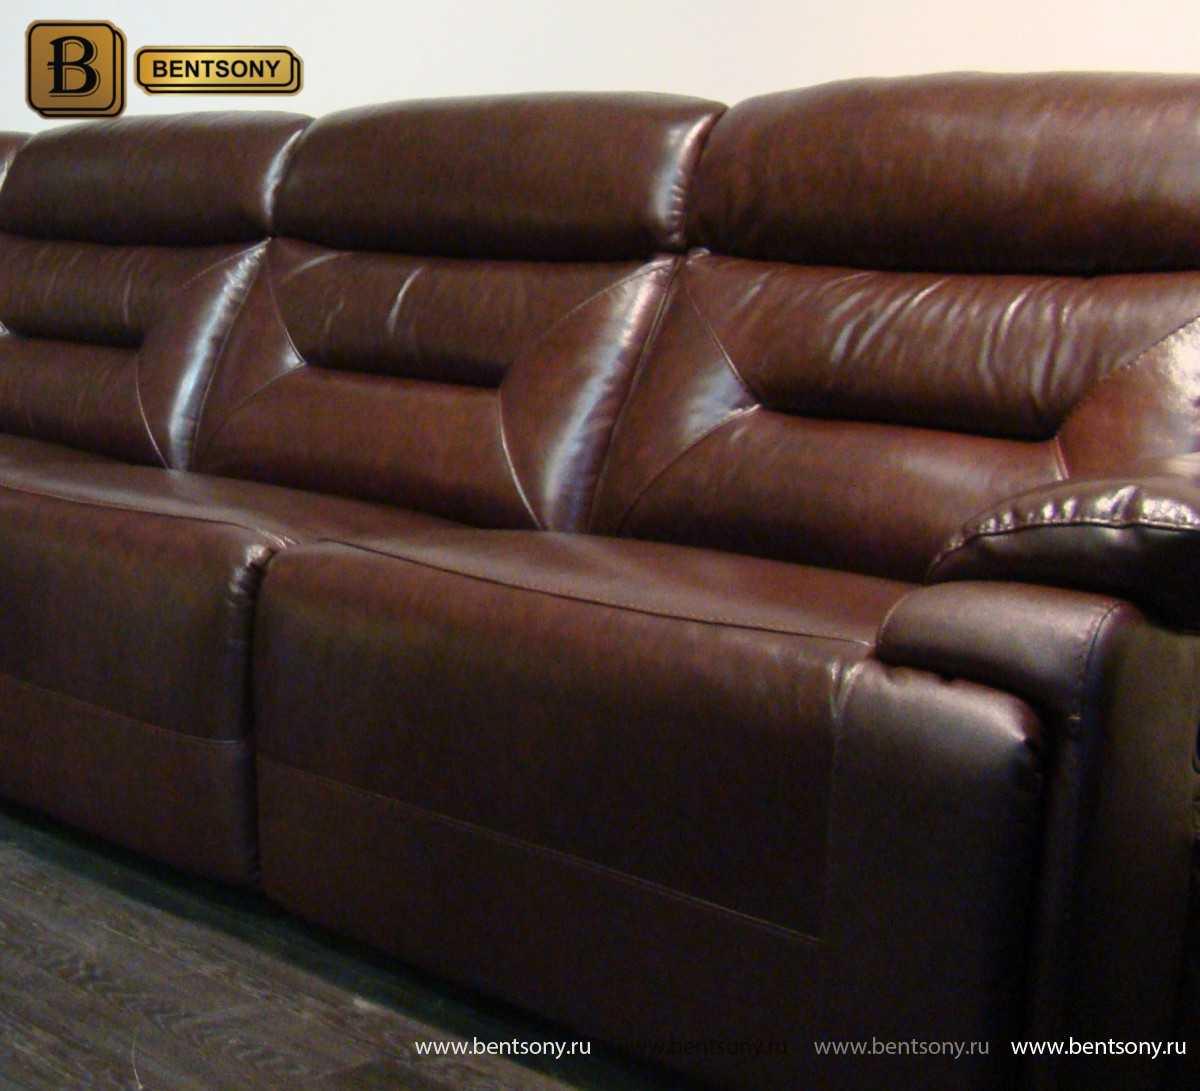 Коричневый кожаный диван Амелия